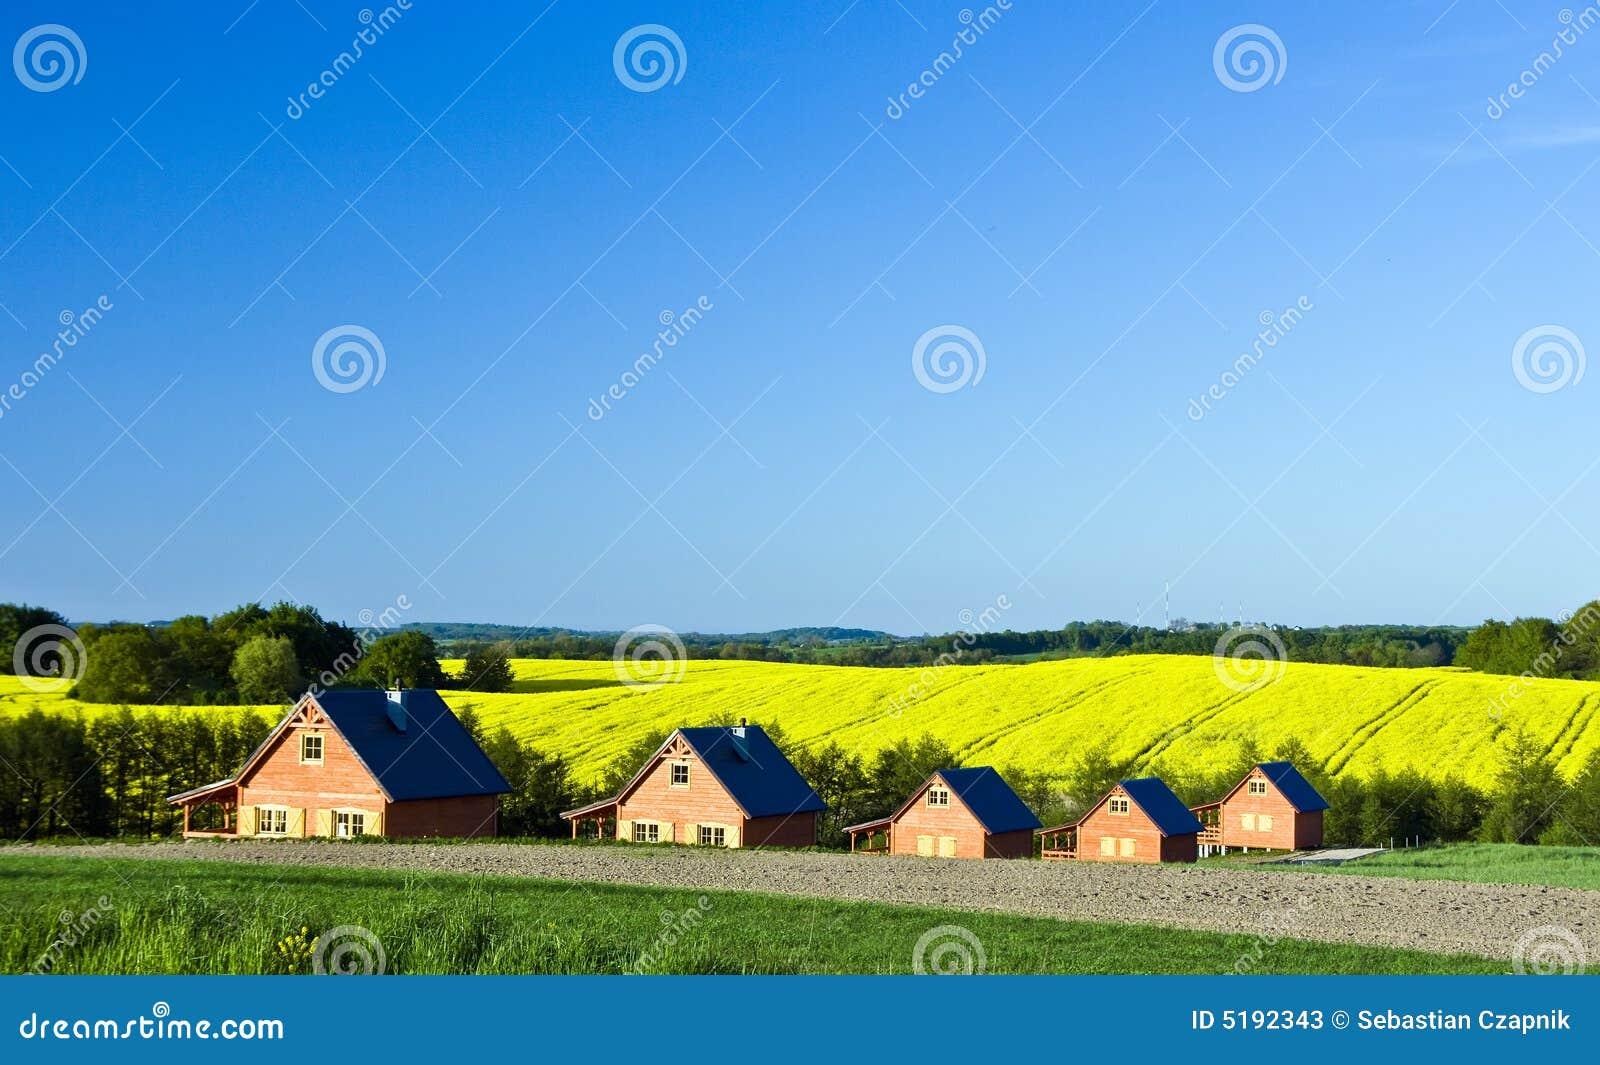 Paesaggio delle case di campagna fotografie stock for Piccole planimetrie delle case di campagna